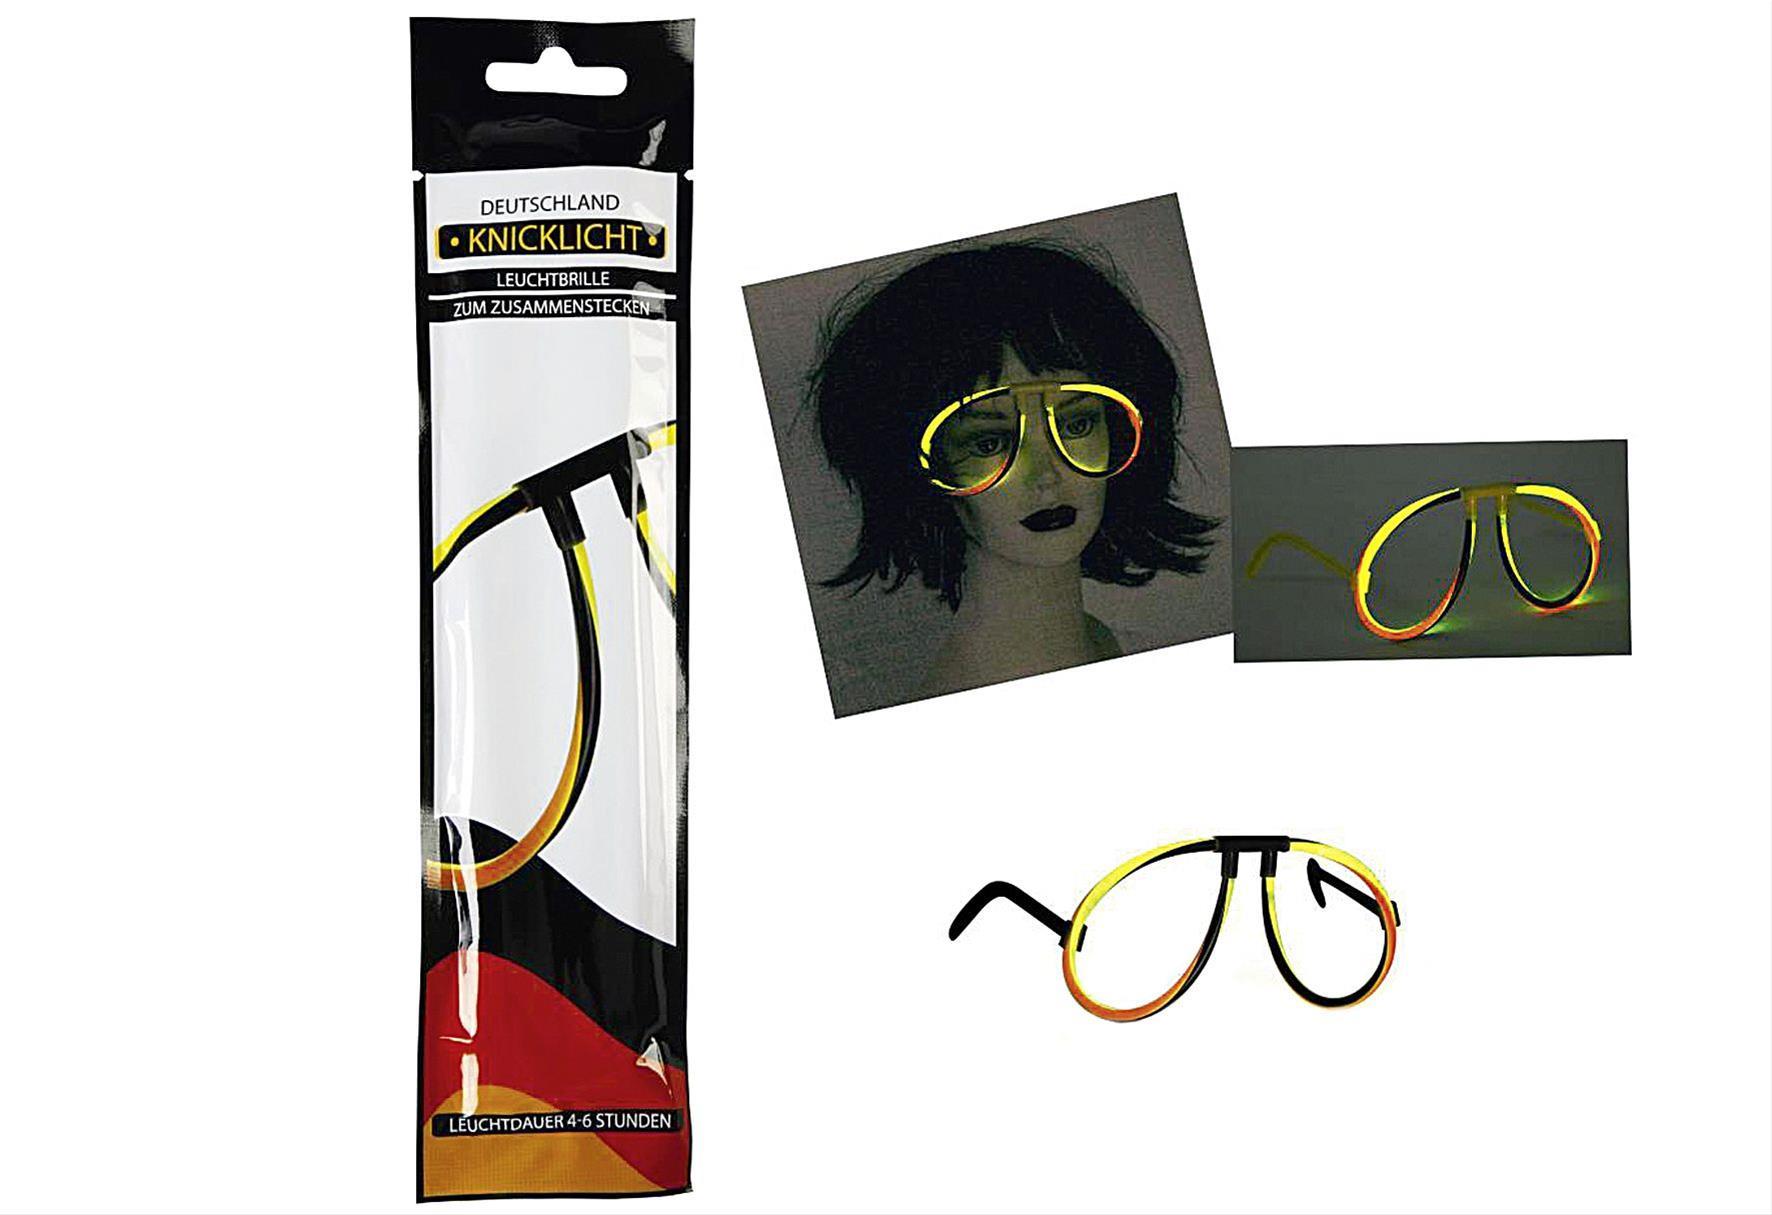 Leuchtbrille Deutschland Knicklicht Bild 1